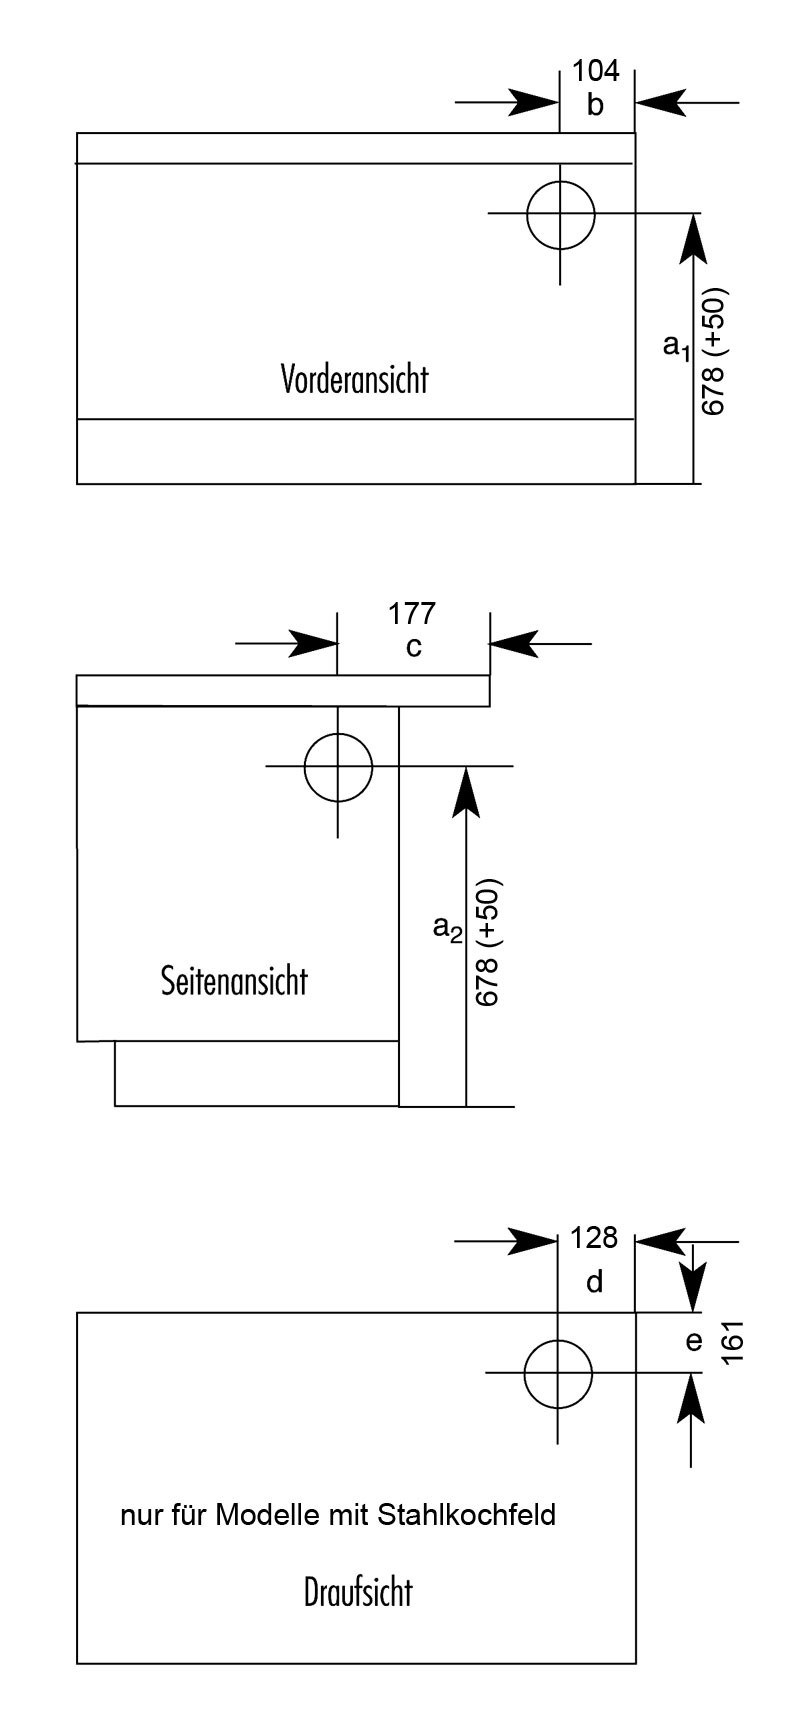 Küchenherd / Kohleherd Wamsler K138F schwarz Stahl Anschluss rechts Bild 2